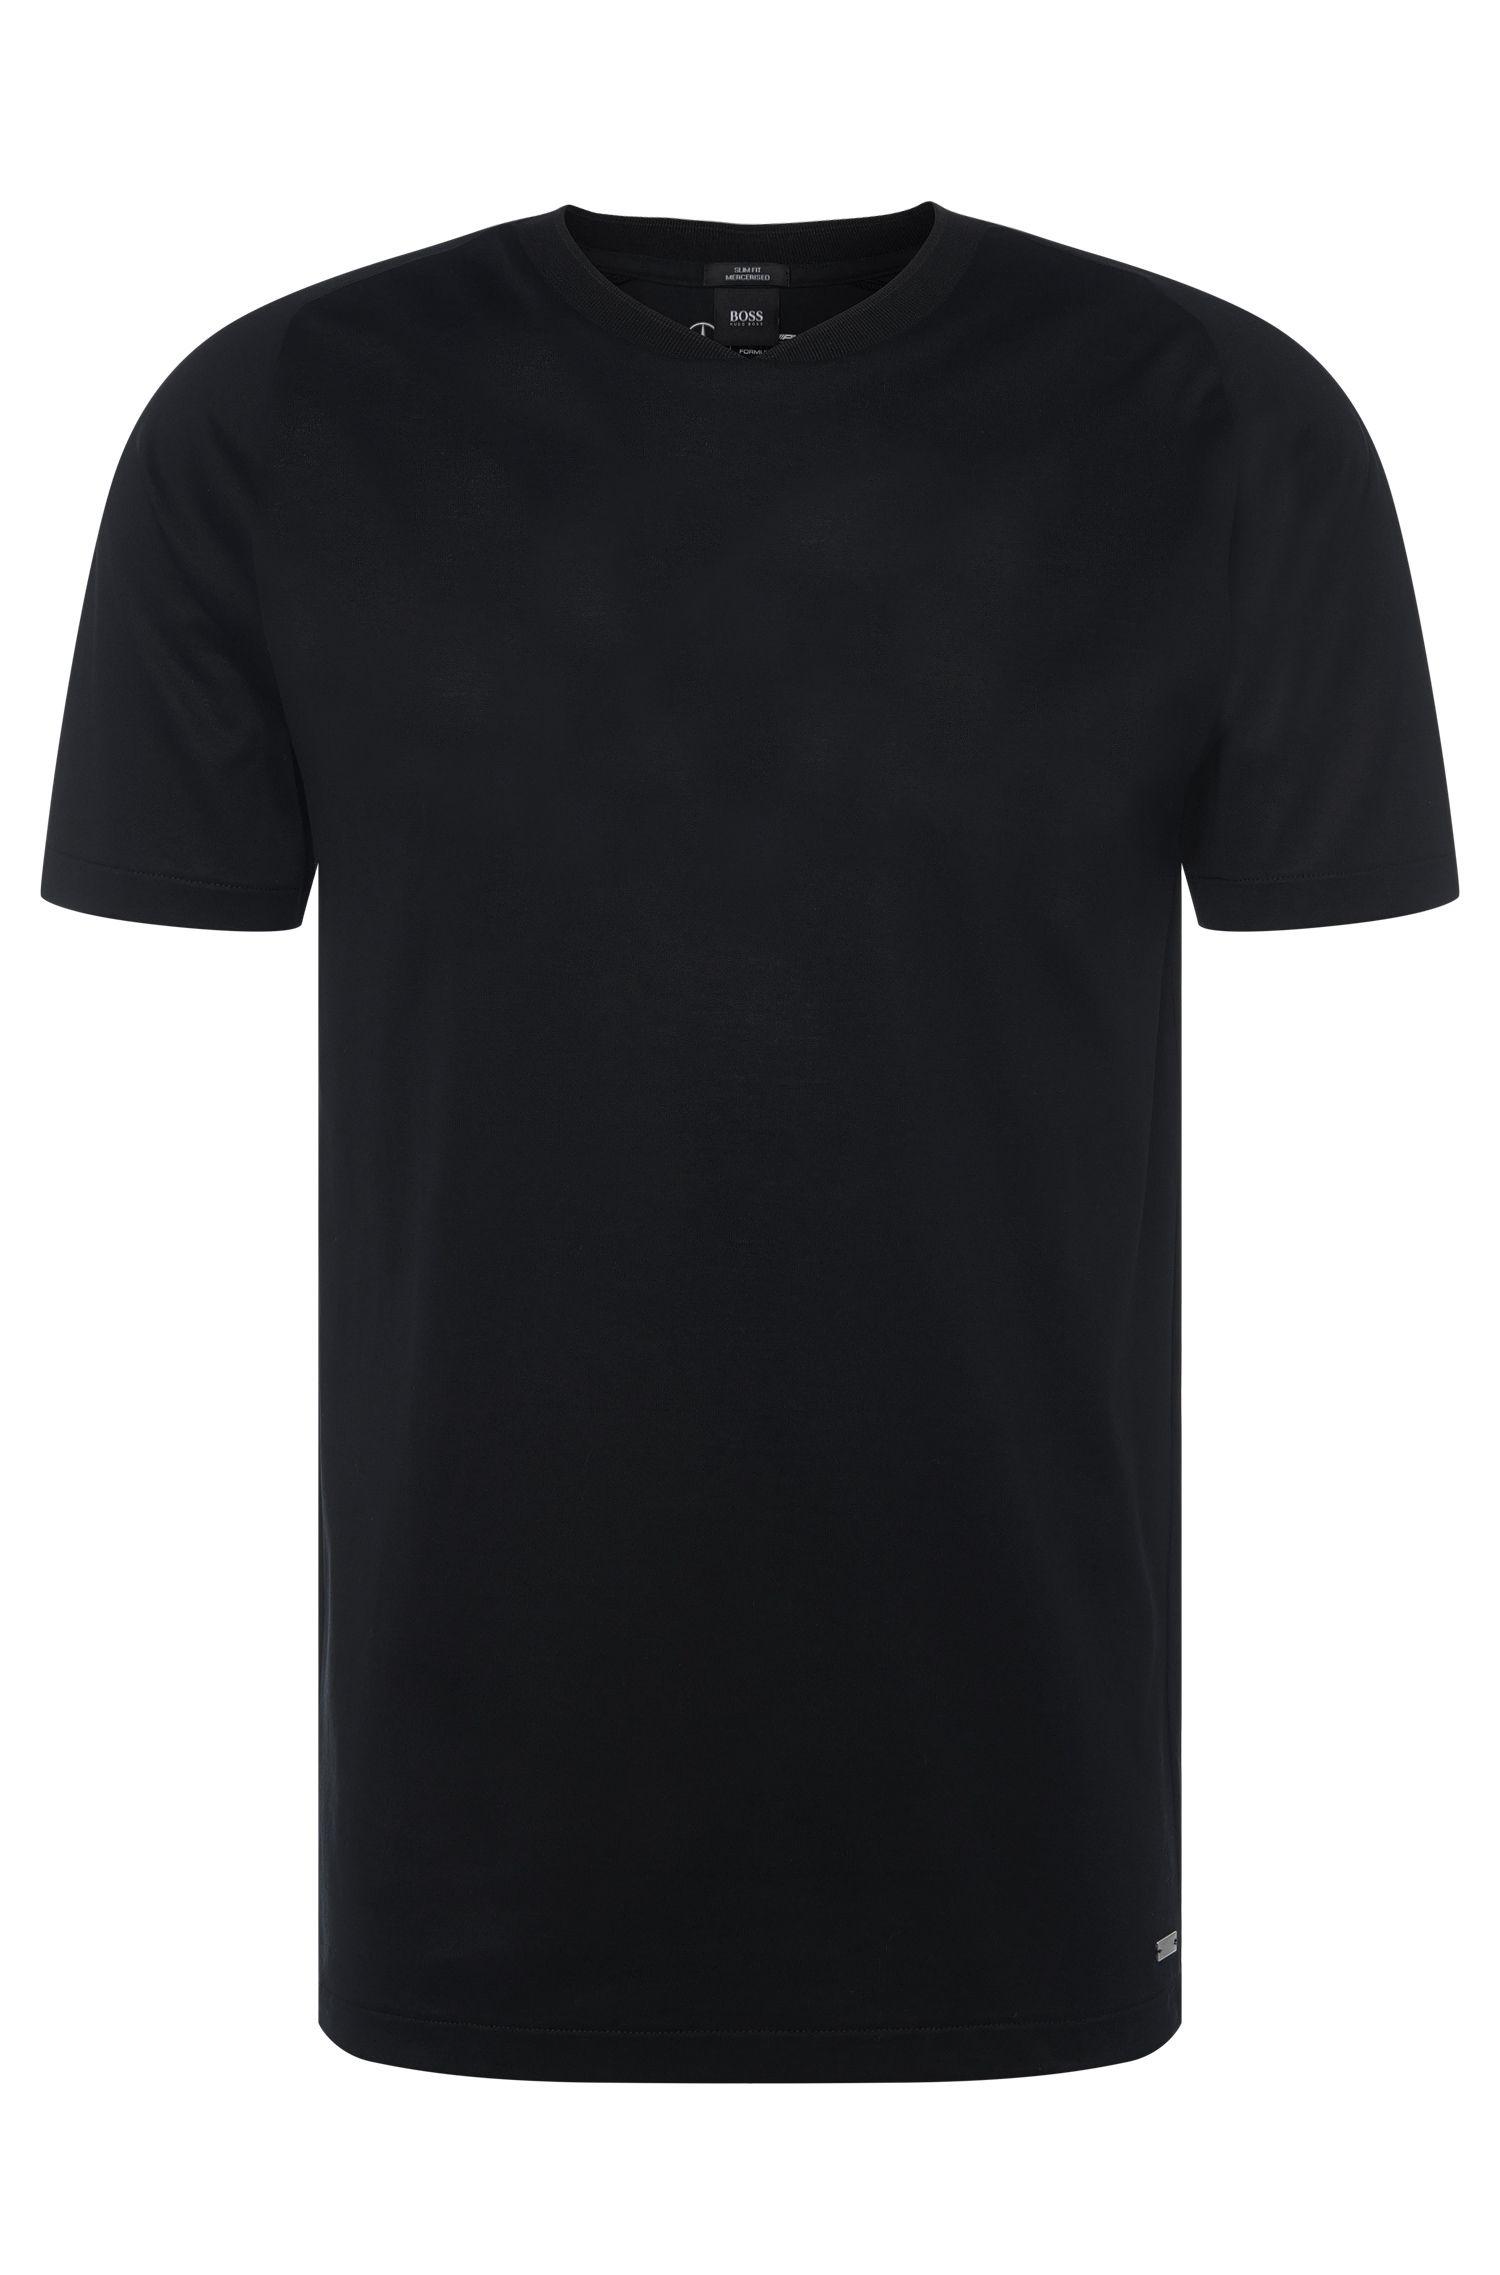 Unifarbenes Slim-Fit T-Shirt aus Baumwolle: 'Tessler 40' aus der Mercedes Benz-Kollektion